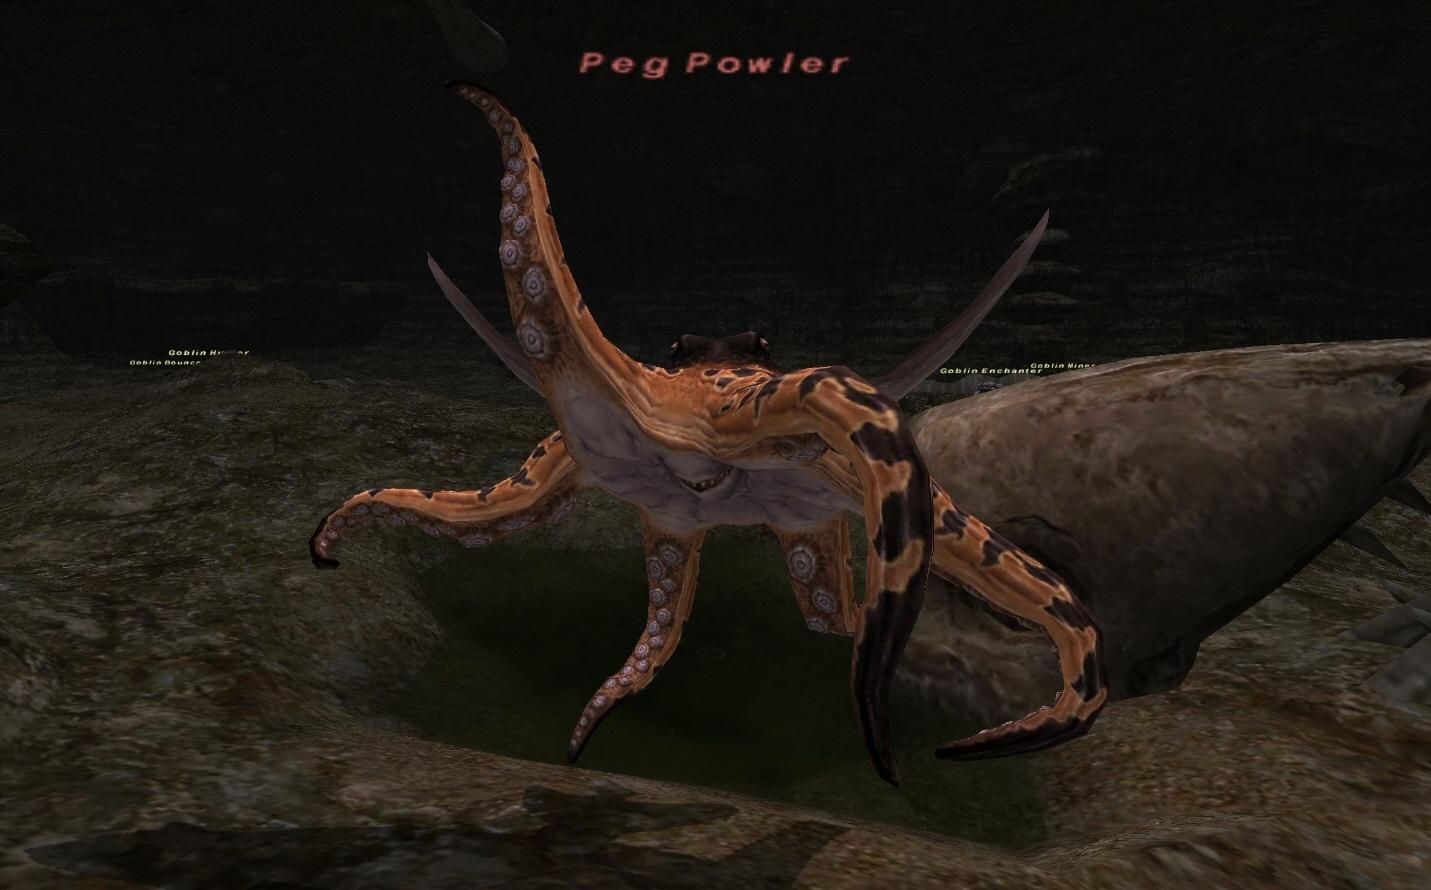 Peg Powler Ffxiclopedia Fandom Powered By Wikia